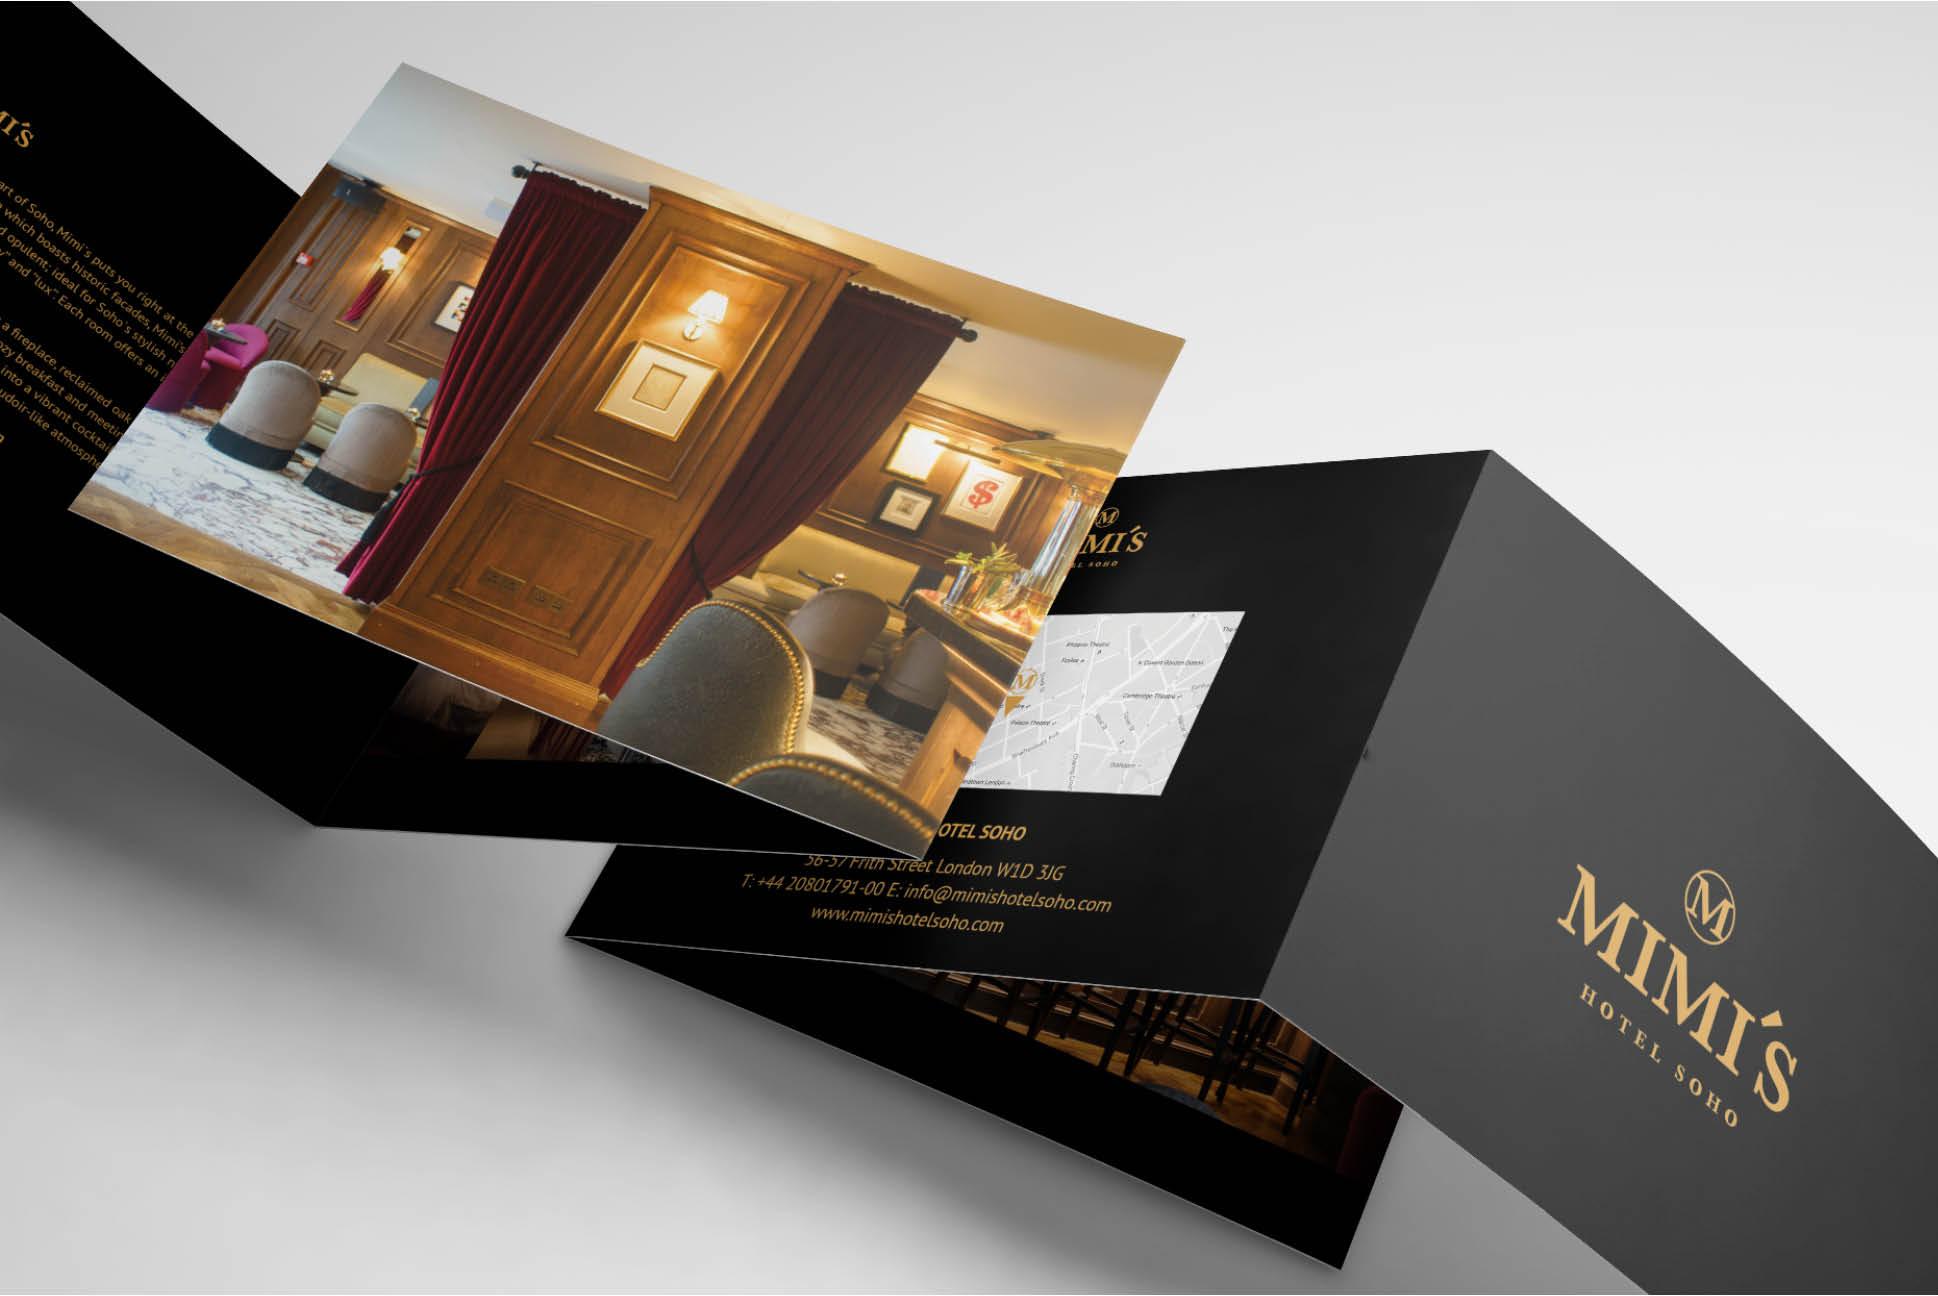 Mimi's Hotel Soho brochure